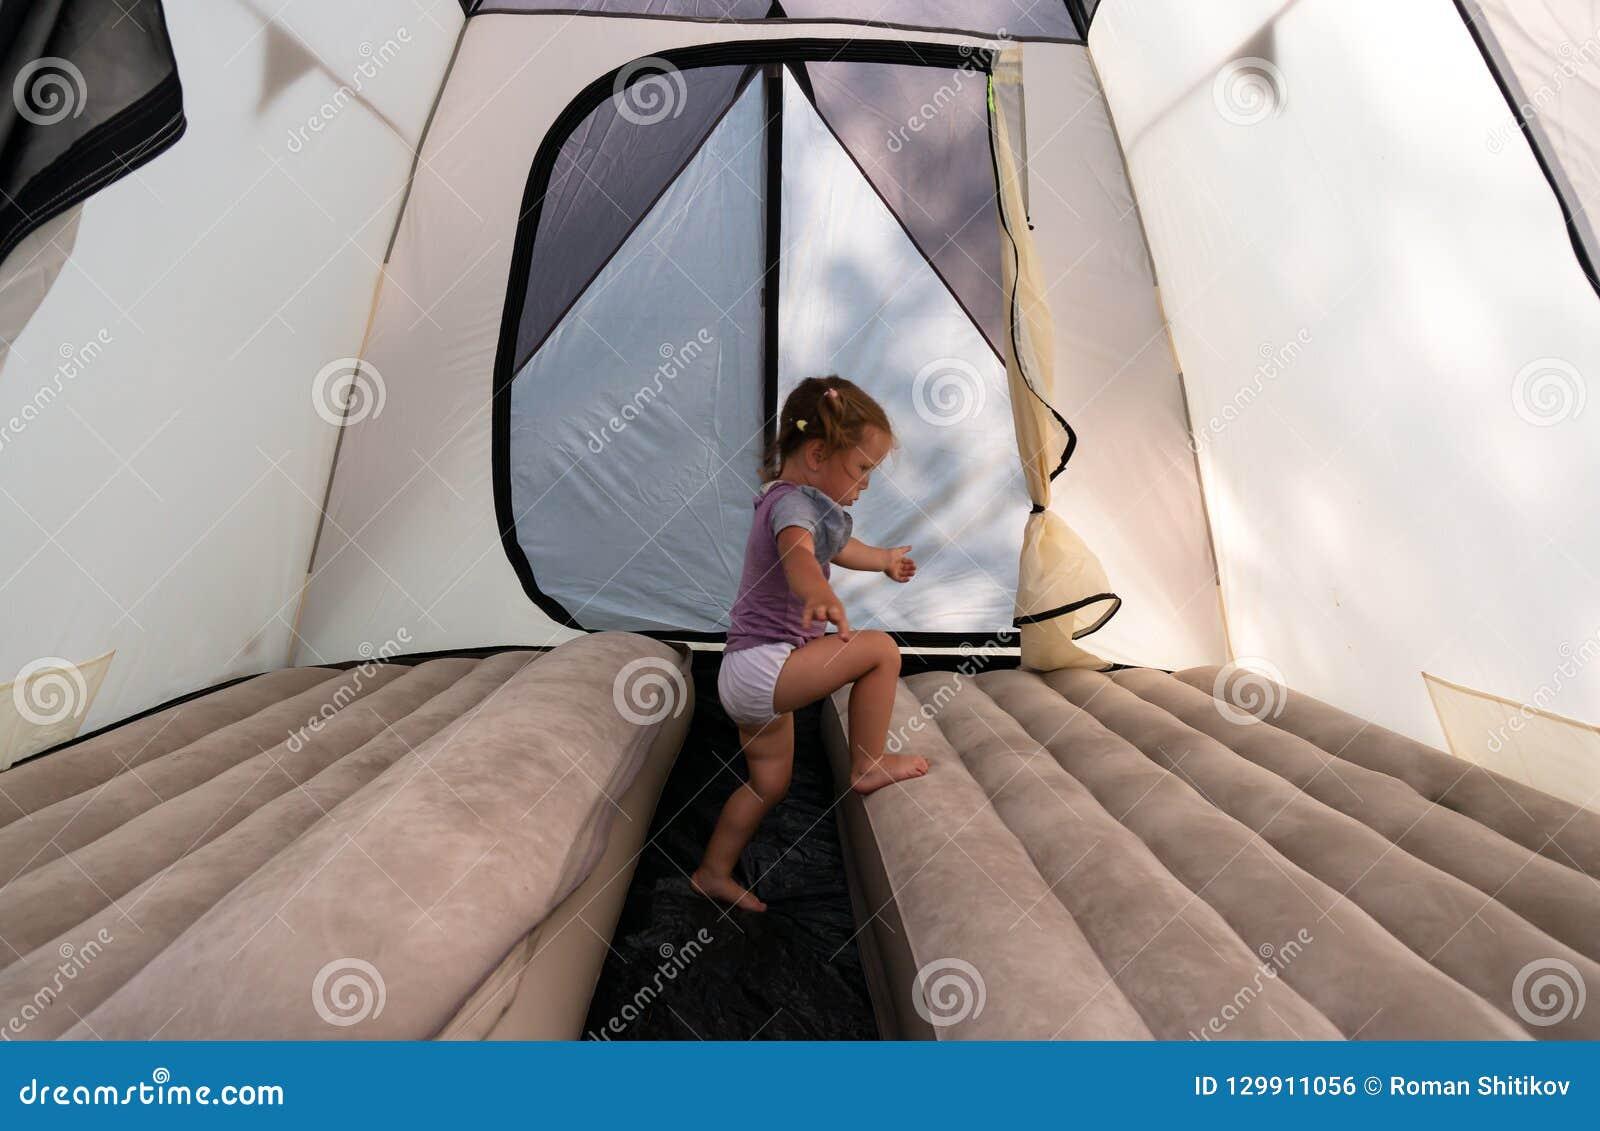 На месте для лагеря, маленькая девочка в скачках шатра на тюфяках